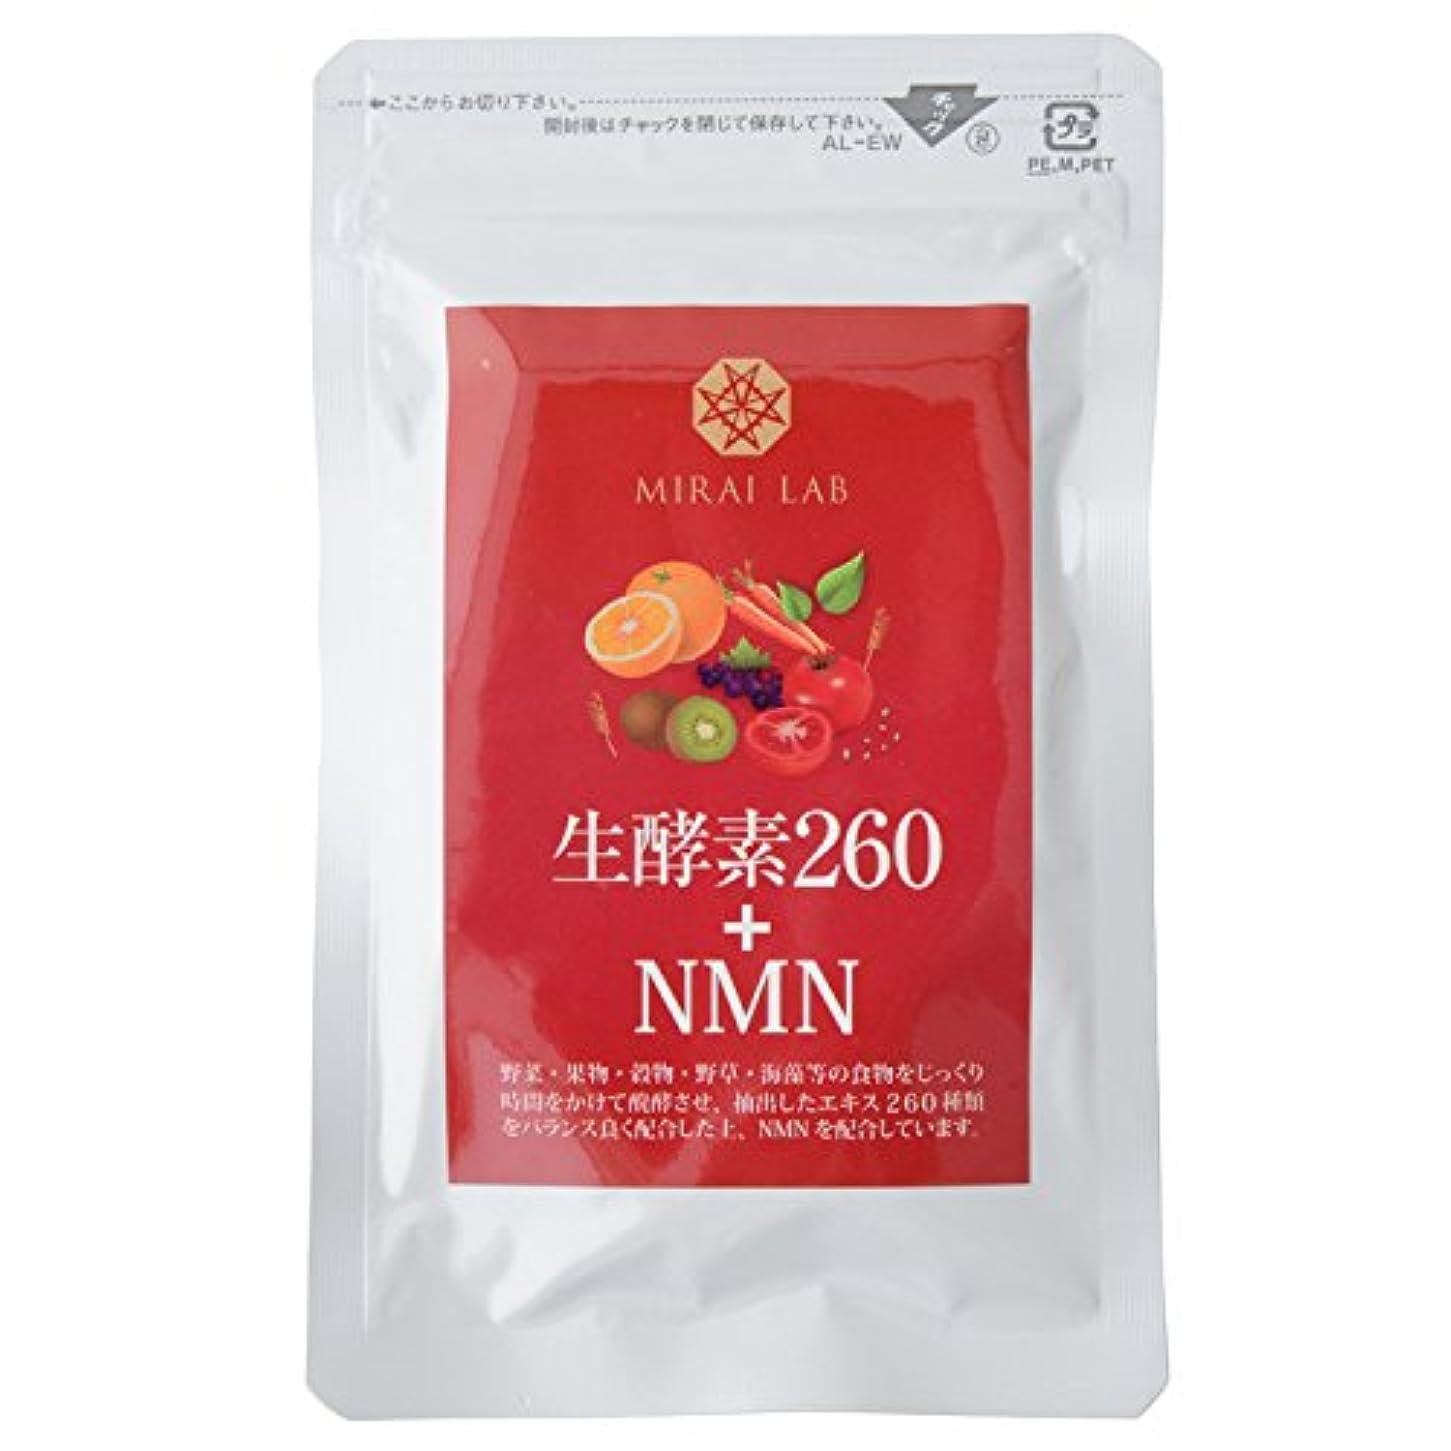 現実小競り合い注ぎます【 生酵素260+NMN 60粒】 NMN β-ニコチンアミドモノヌクレオチド 植物発酵エキス260種類 配合 Amazon限定3個セット